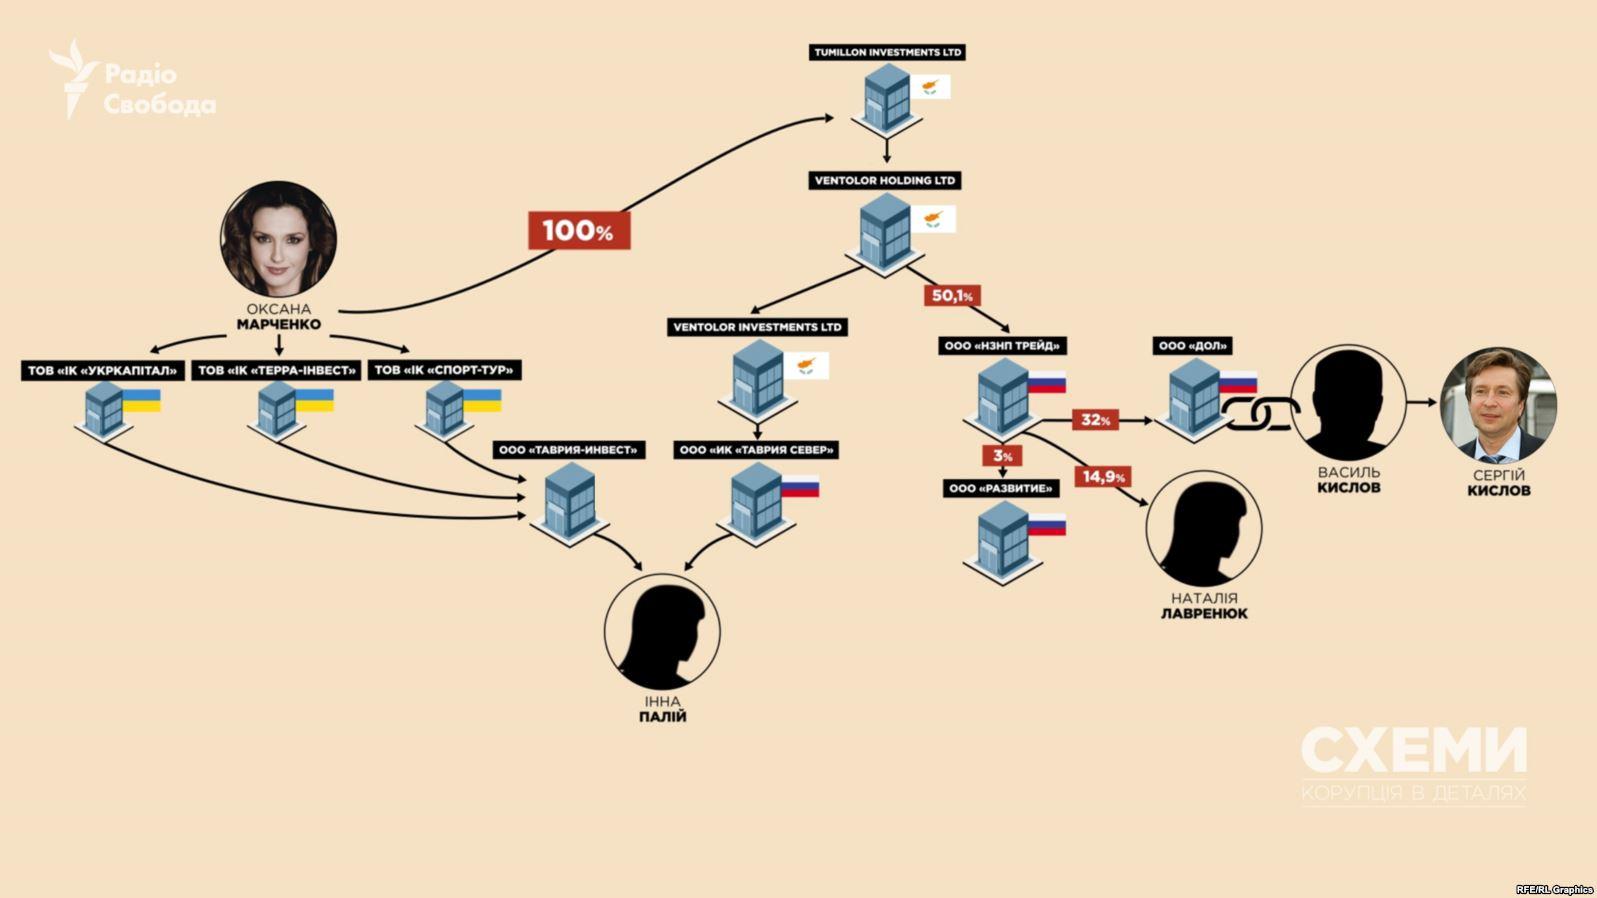 4C7FD6C8 4B51 44F5 8834 7FEBFAB48F01 w1597 n r0 s - Дружина Медведчука має нафтовий бізнес у Росії – «Схеми» - Заборона